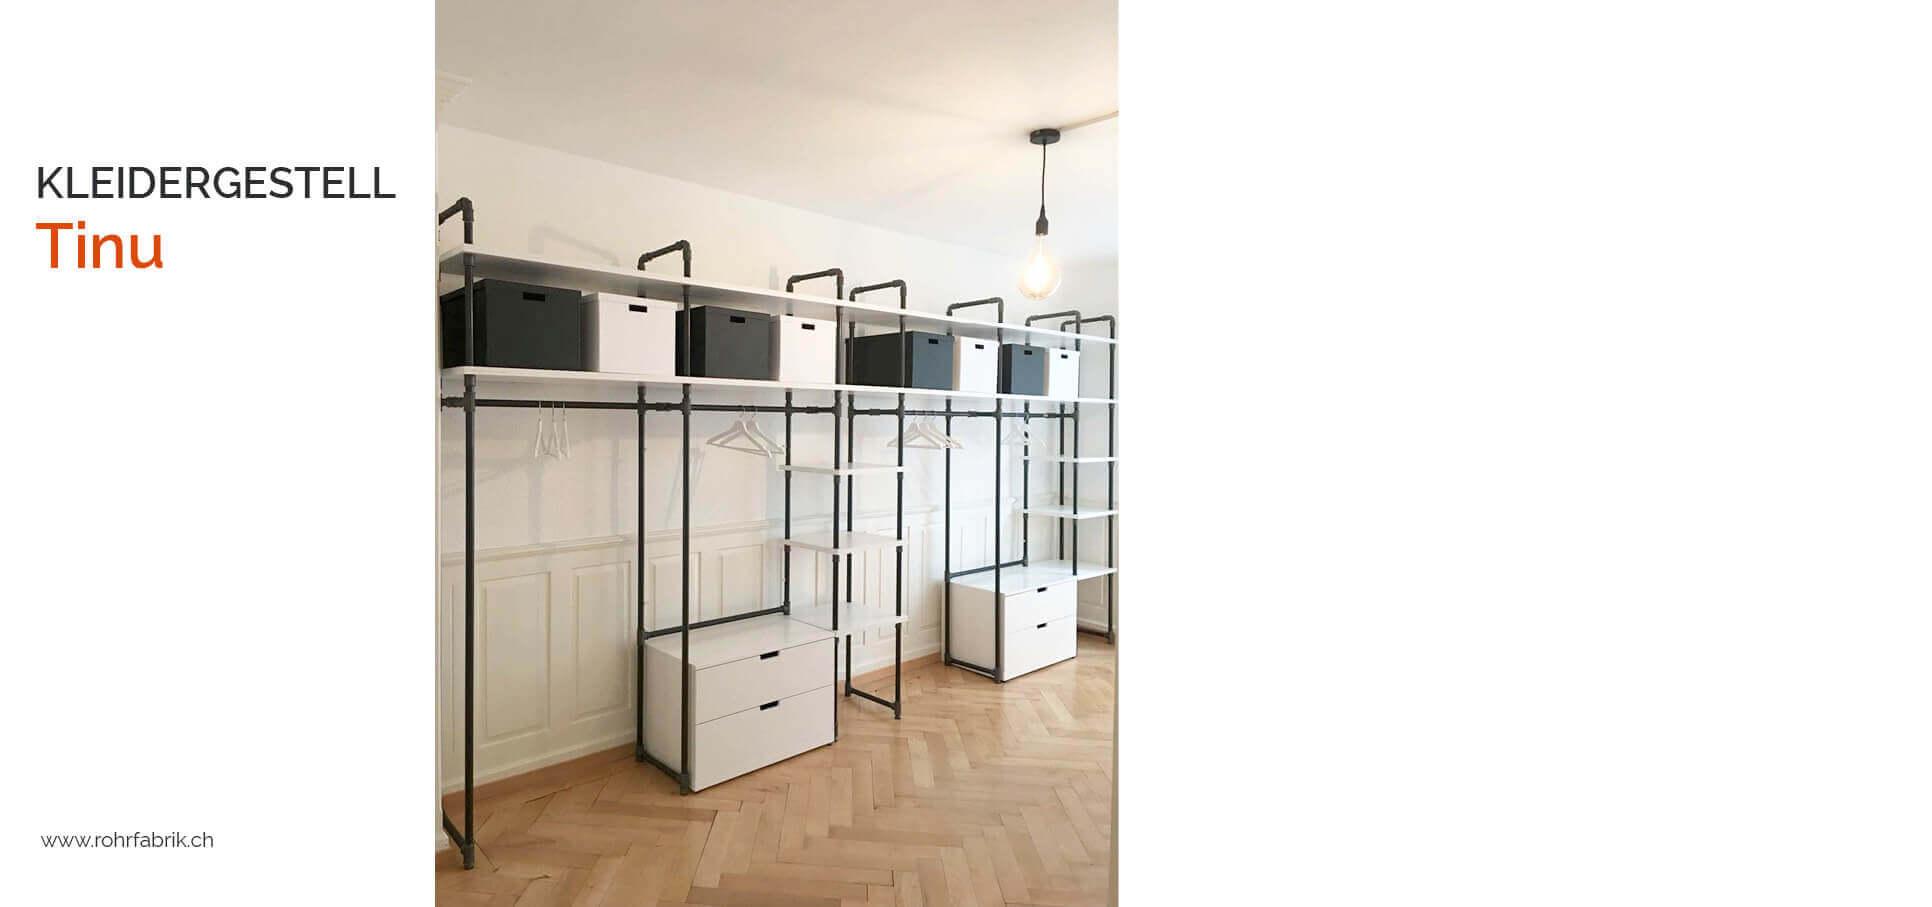 Hersteller-rohrfabrik-Zurich-kleidergestell-doppelkleiderstaender-kleiderstaender-rohr-moebel-design-innenarchitektur-ankleidezimmer-ladenbau-garderobe-Tinu02.jpg